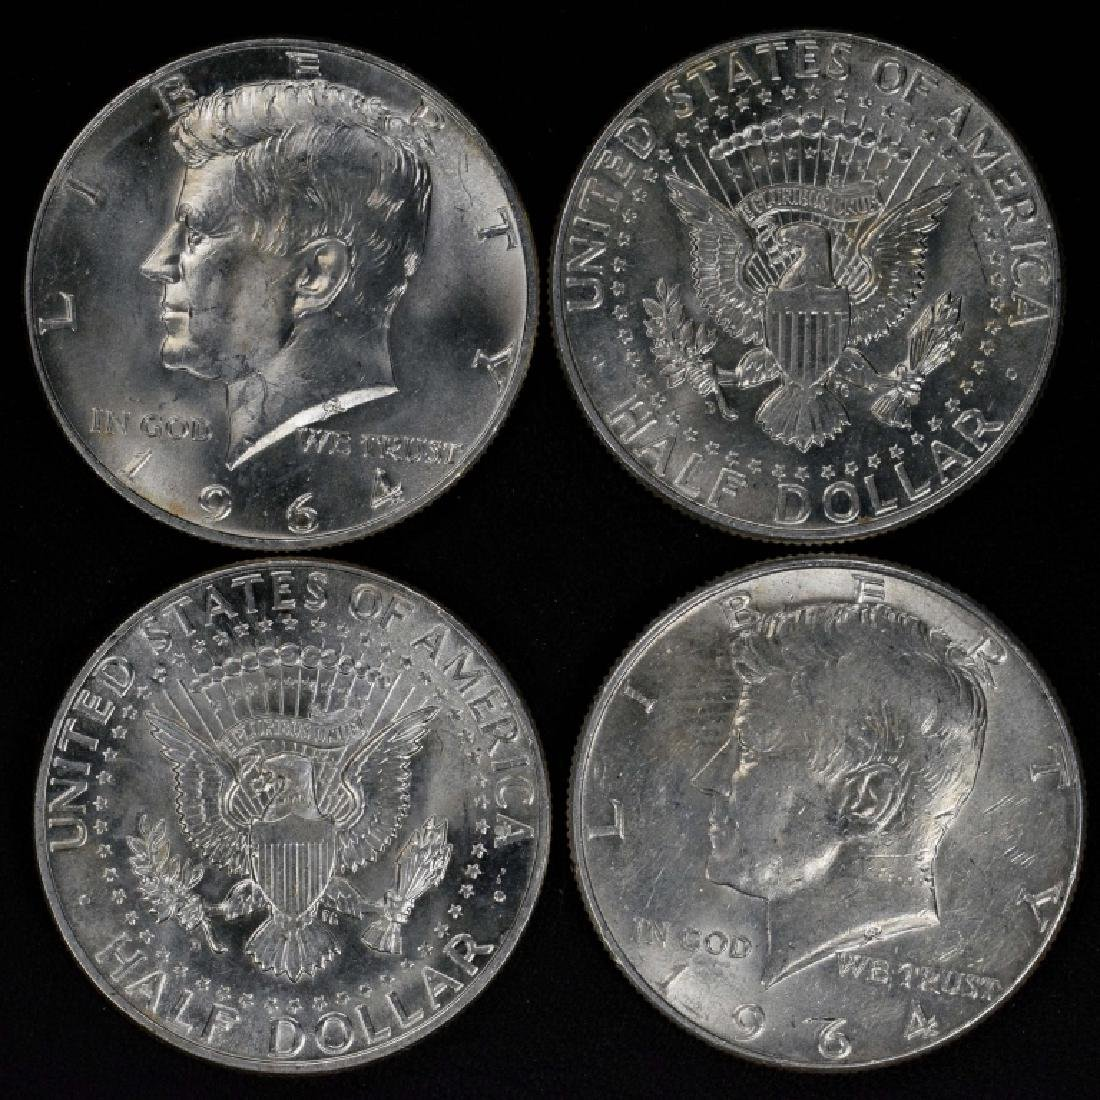 Four 1964 Kennedy Half Dollars 90% Silver